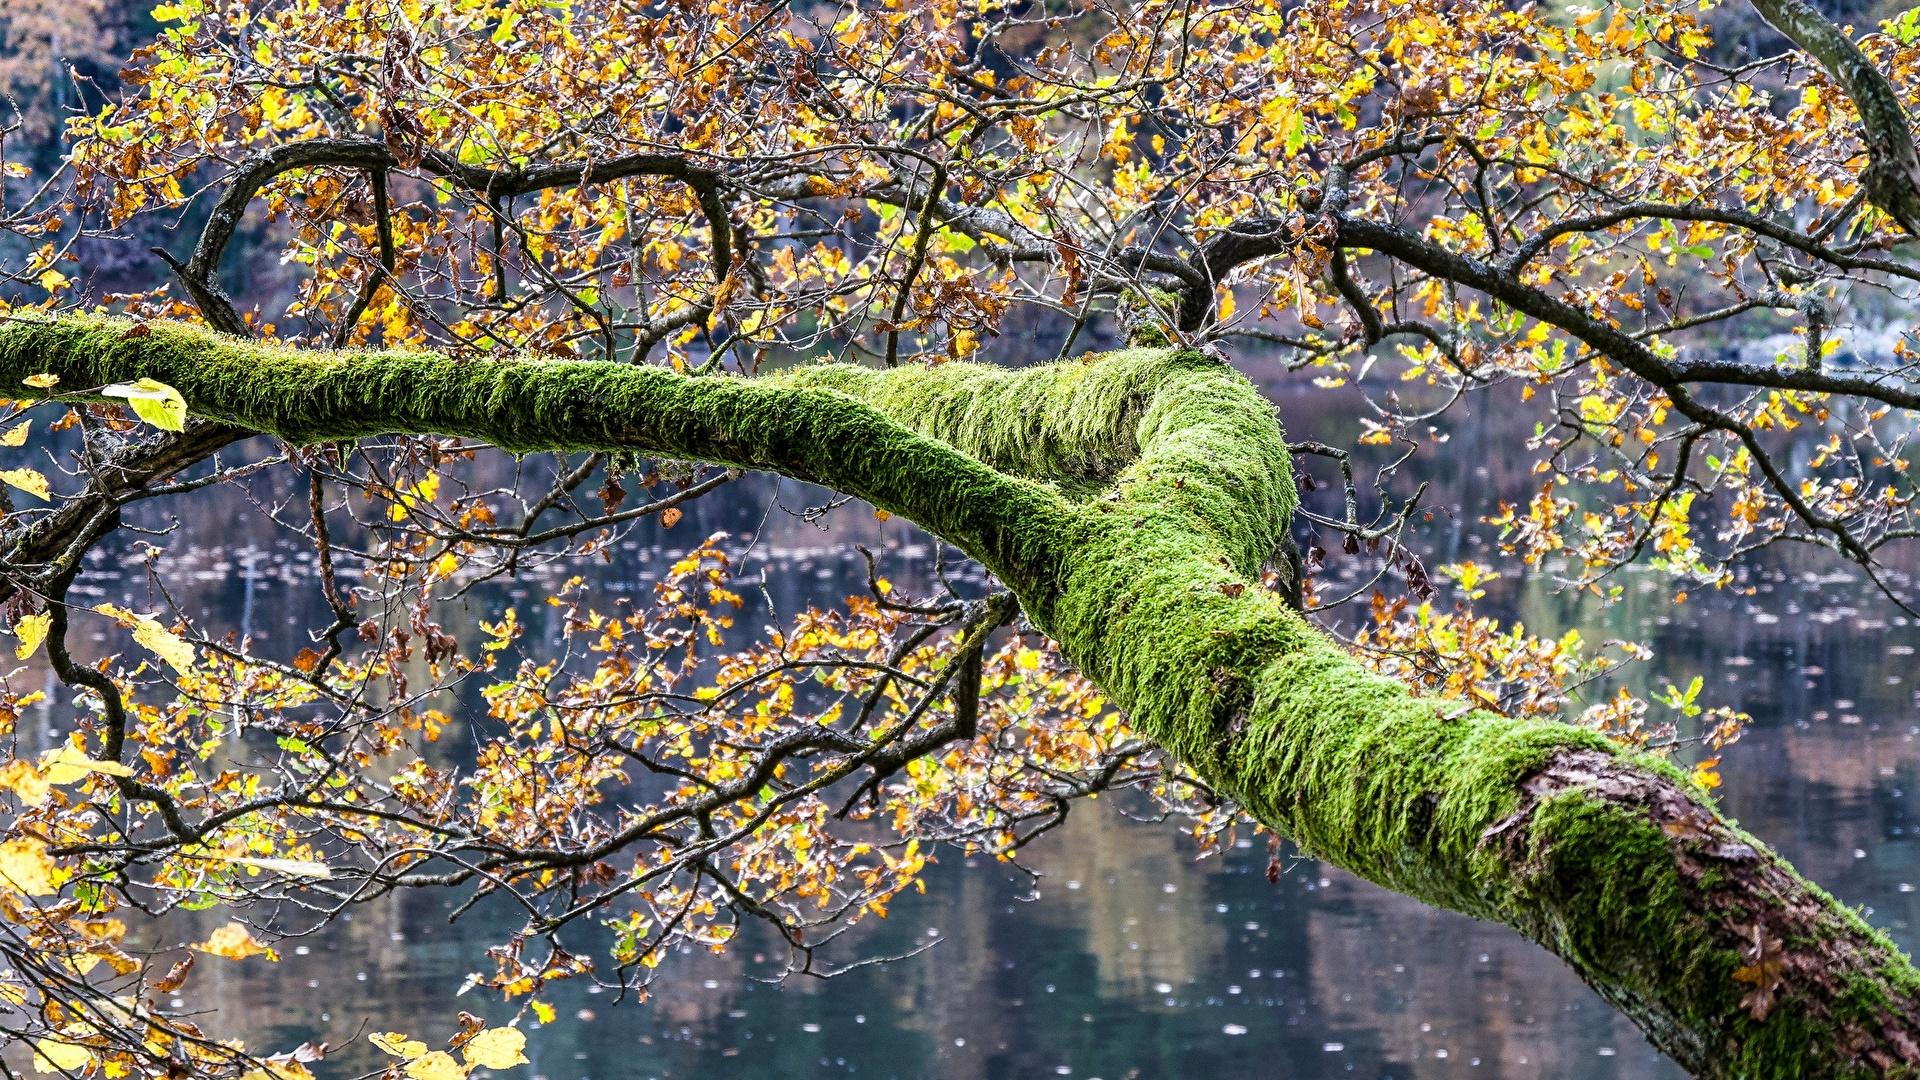 Fotos Natur Ast Laubmoose 1920x1080